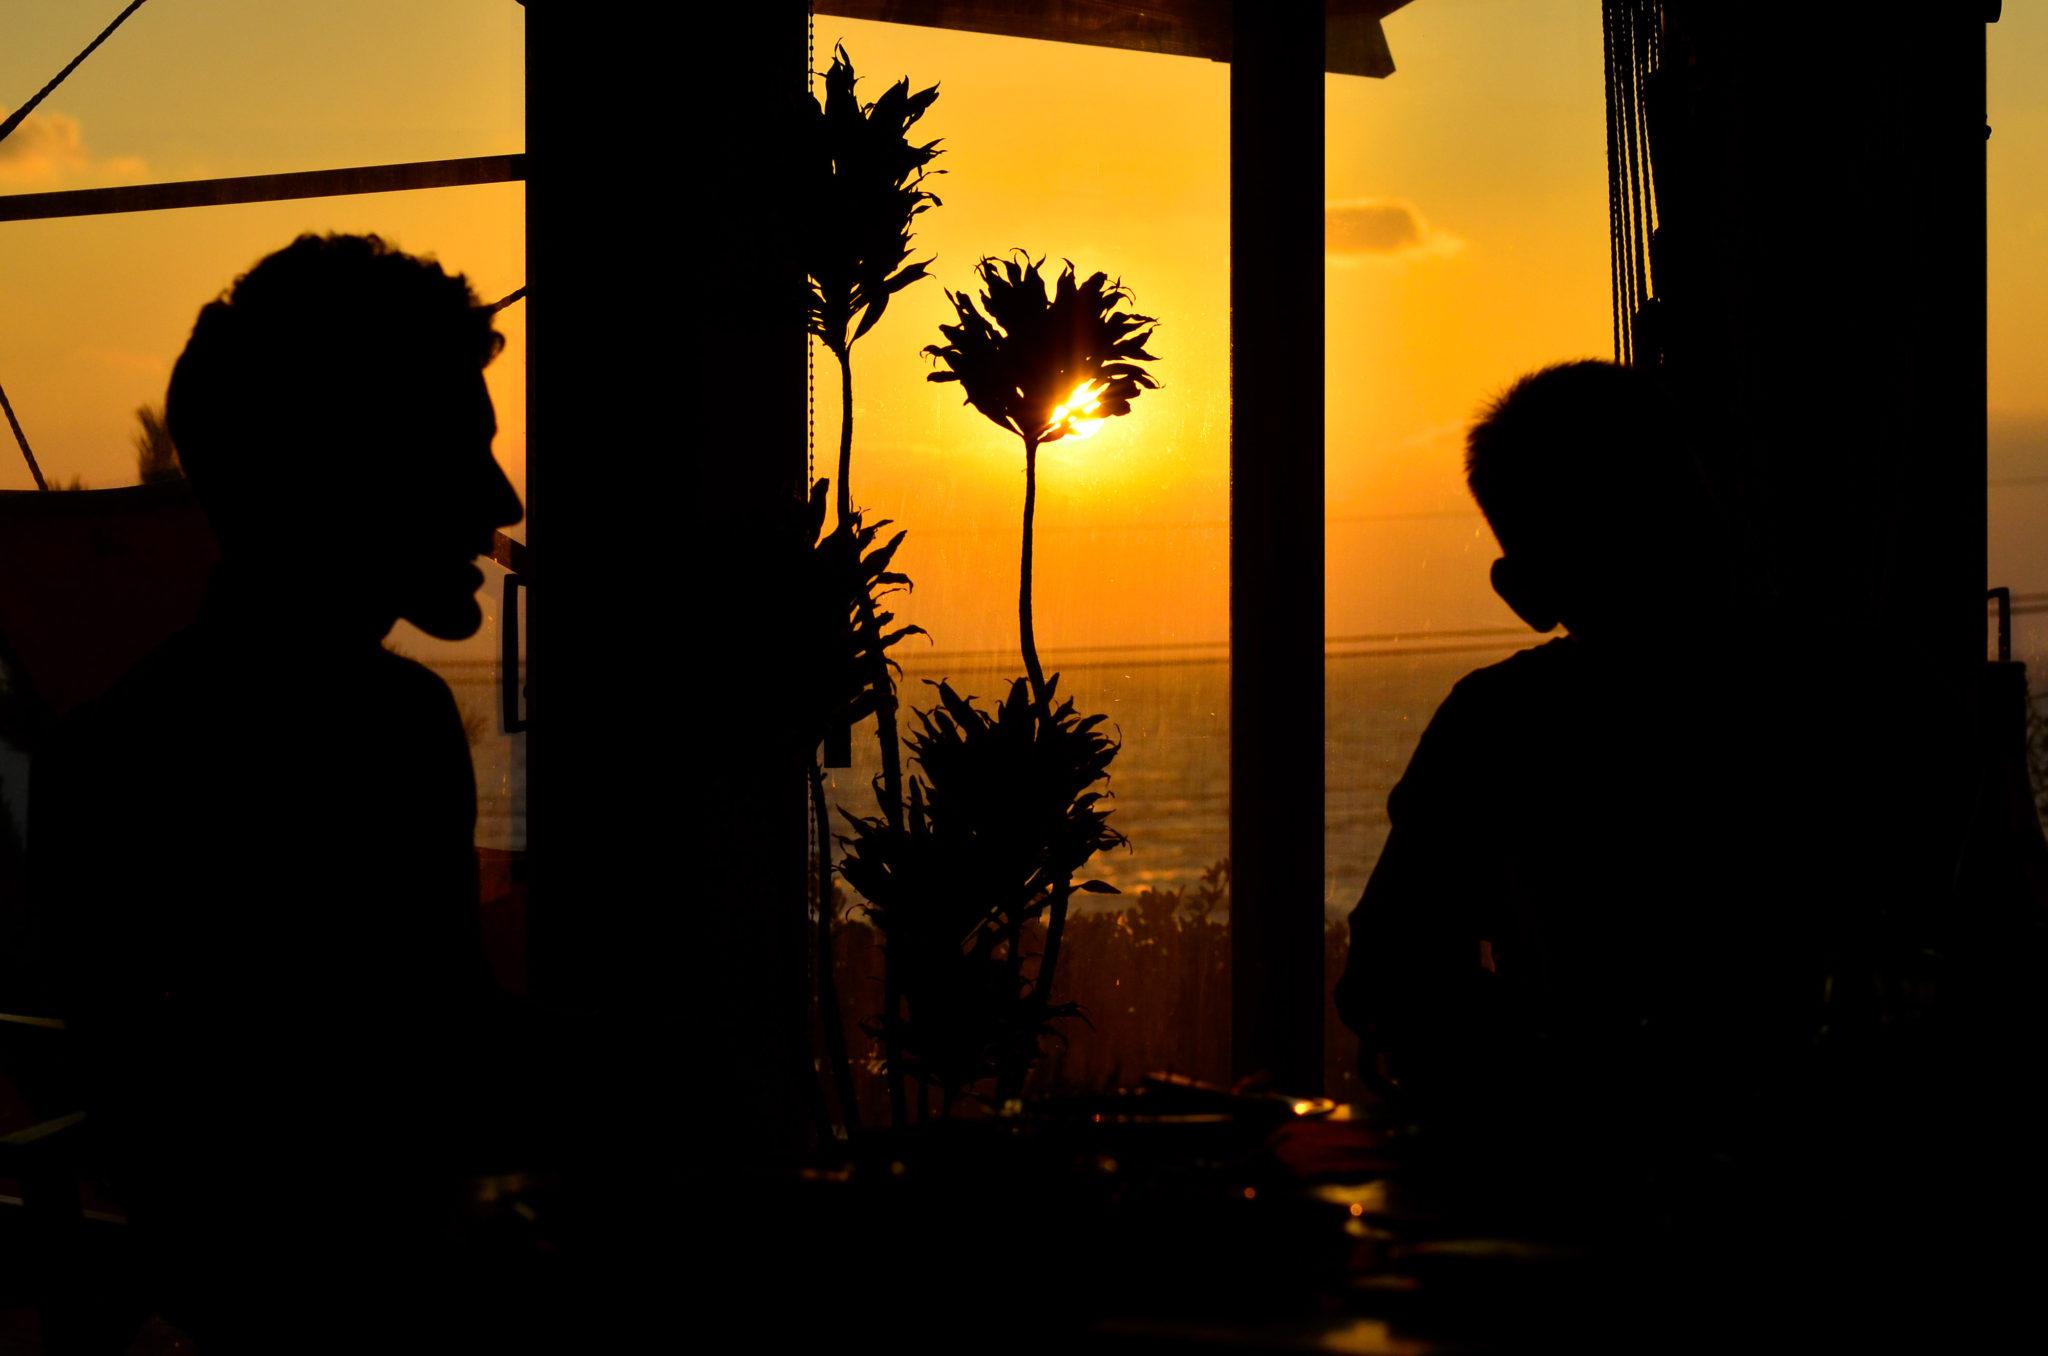 鹿児島県日置市の夕焼けが綺麗が景色